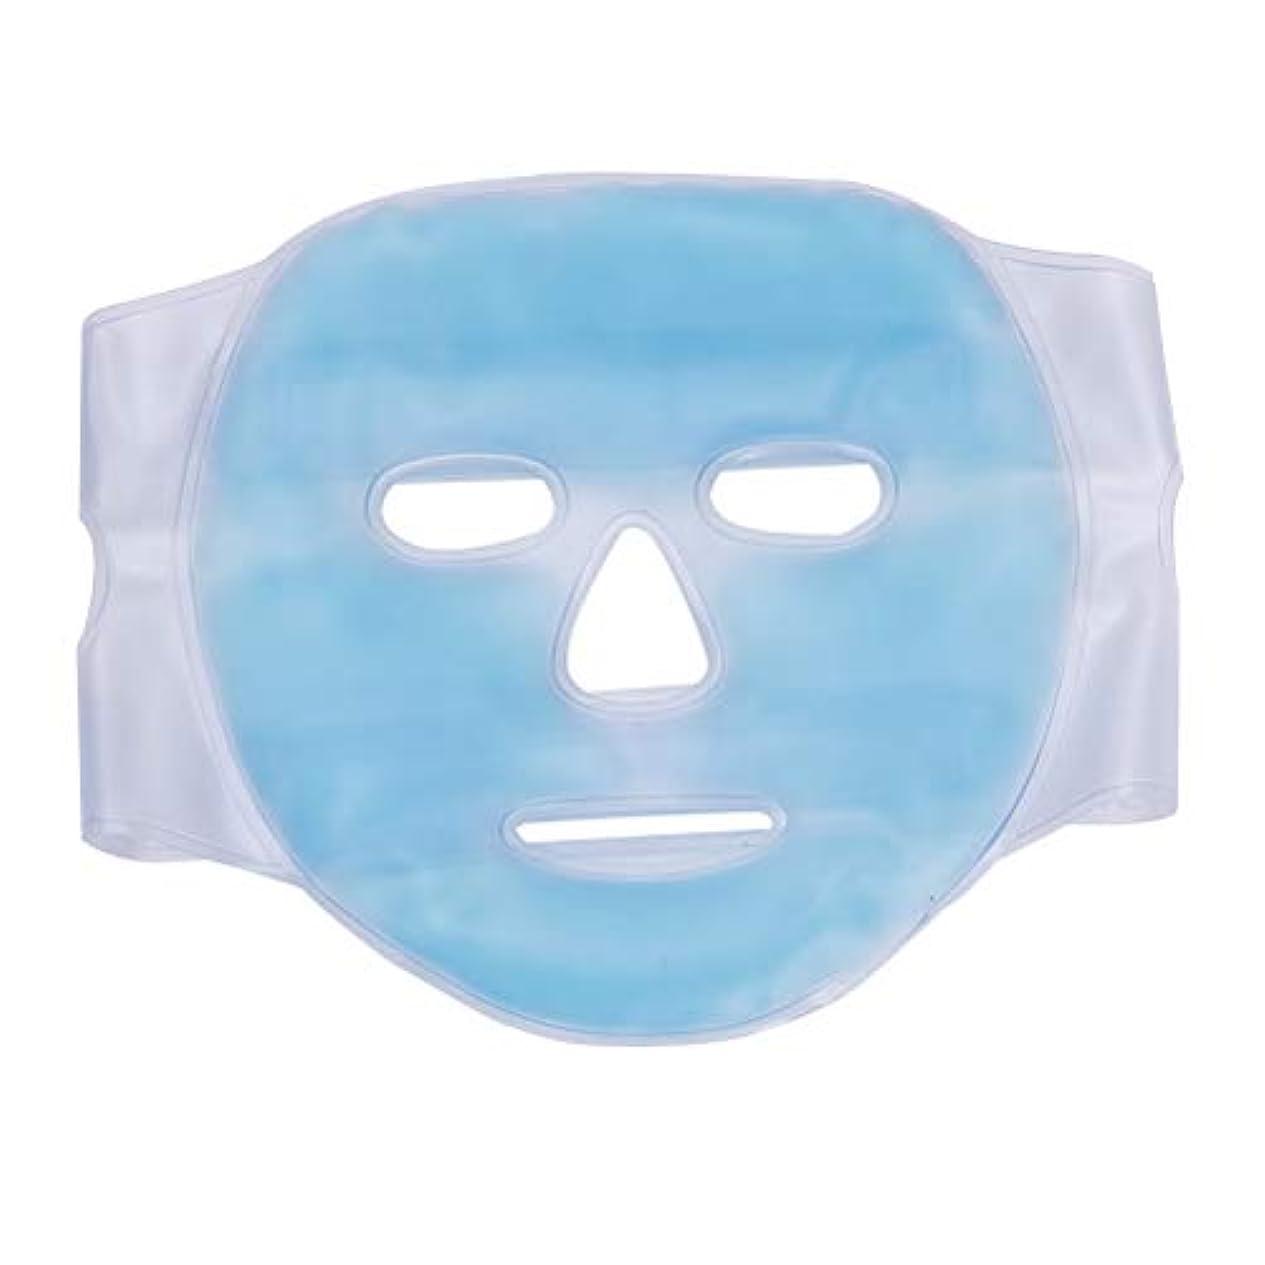 飼いならすドームレディSUPVOX 美容マスクホットコールドセラピージェルビーズフルフェイシャルマスク睡眠用片頭痛緩腫れぼったい顔(青)